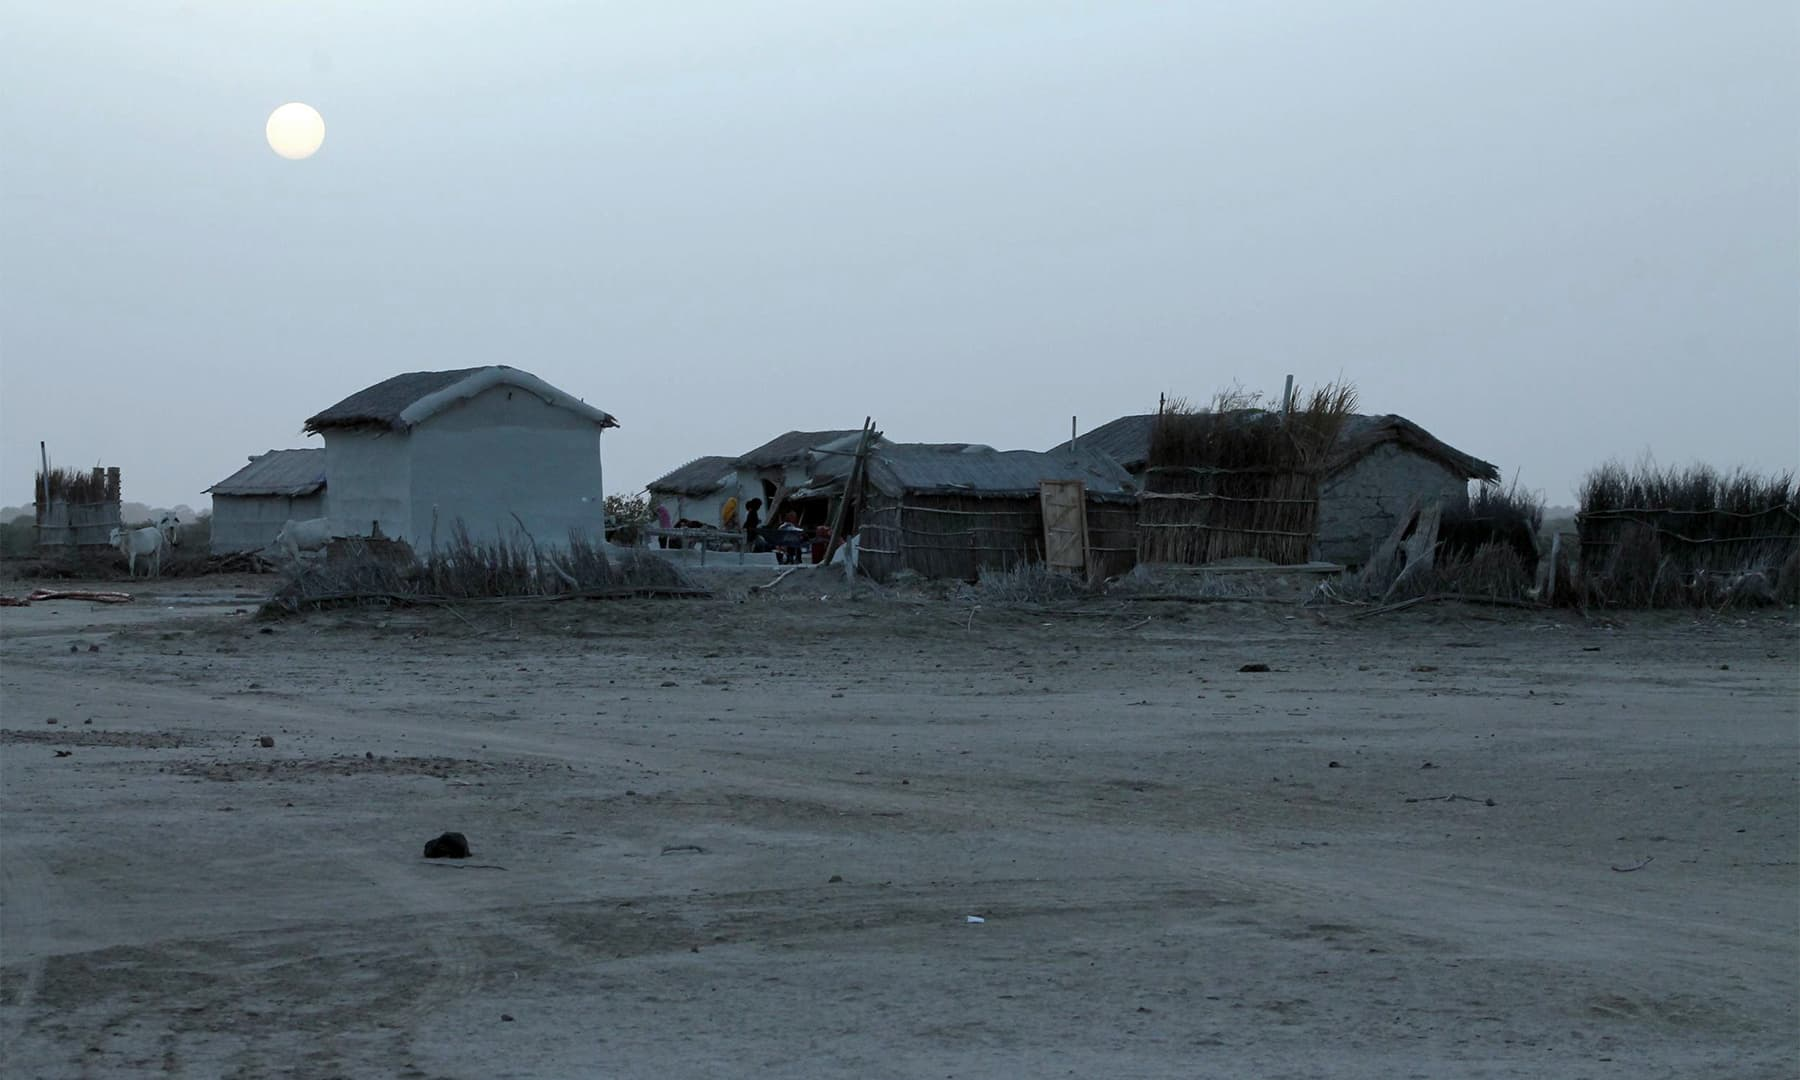 مچھیروں کا ایک ویران گاؤں — تصویر ابوبکر شیخ